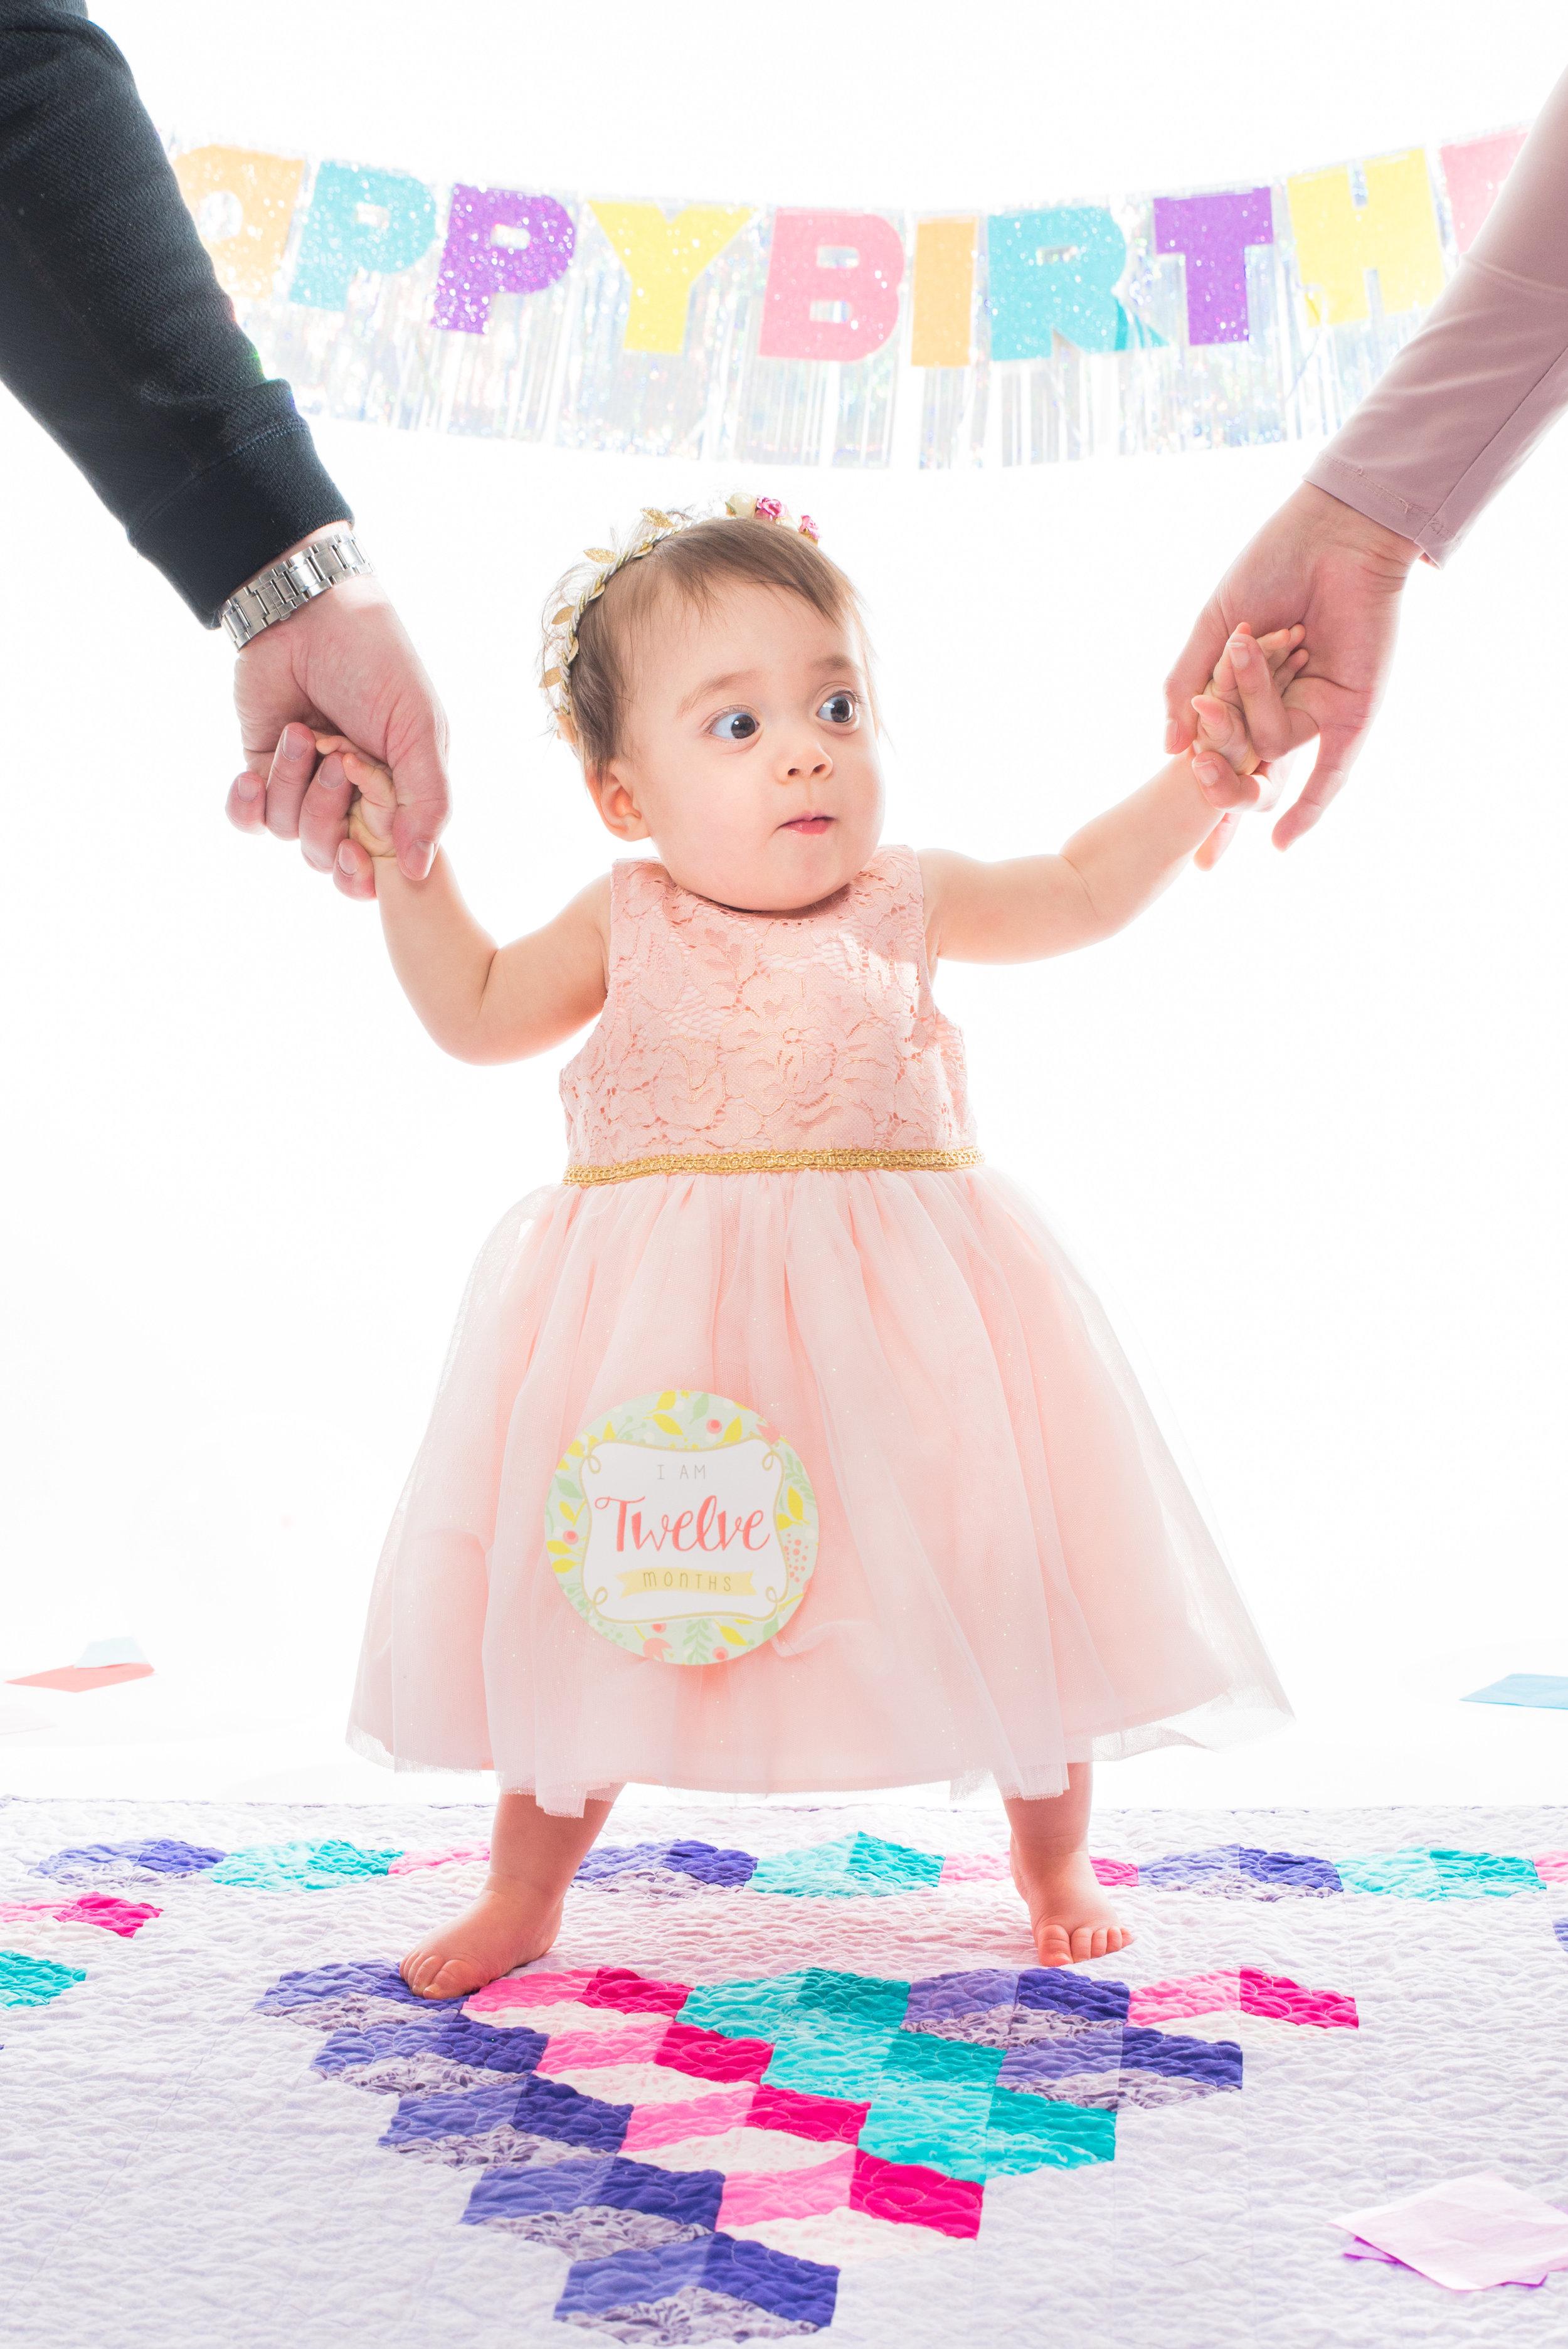 2018_February_04-Veronica_Sullivan_One_Year_Baby_Pics-44874.jpg